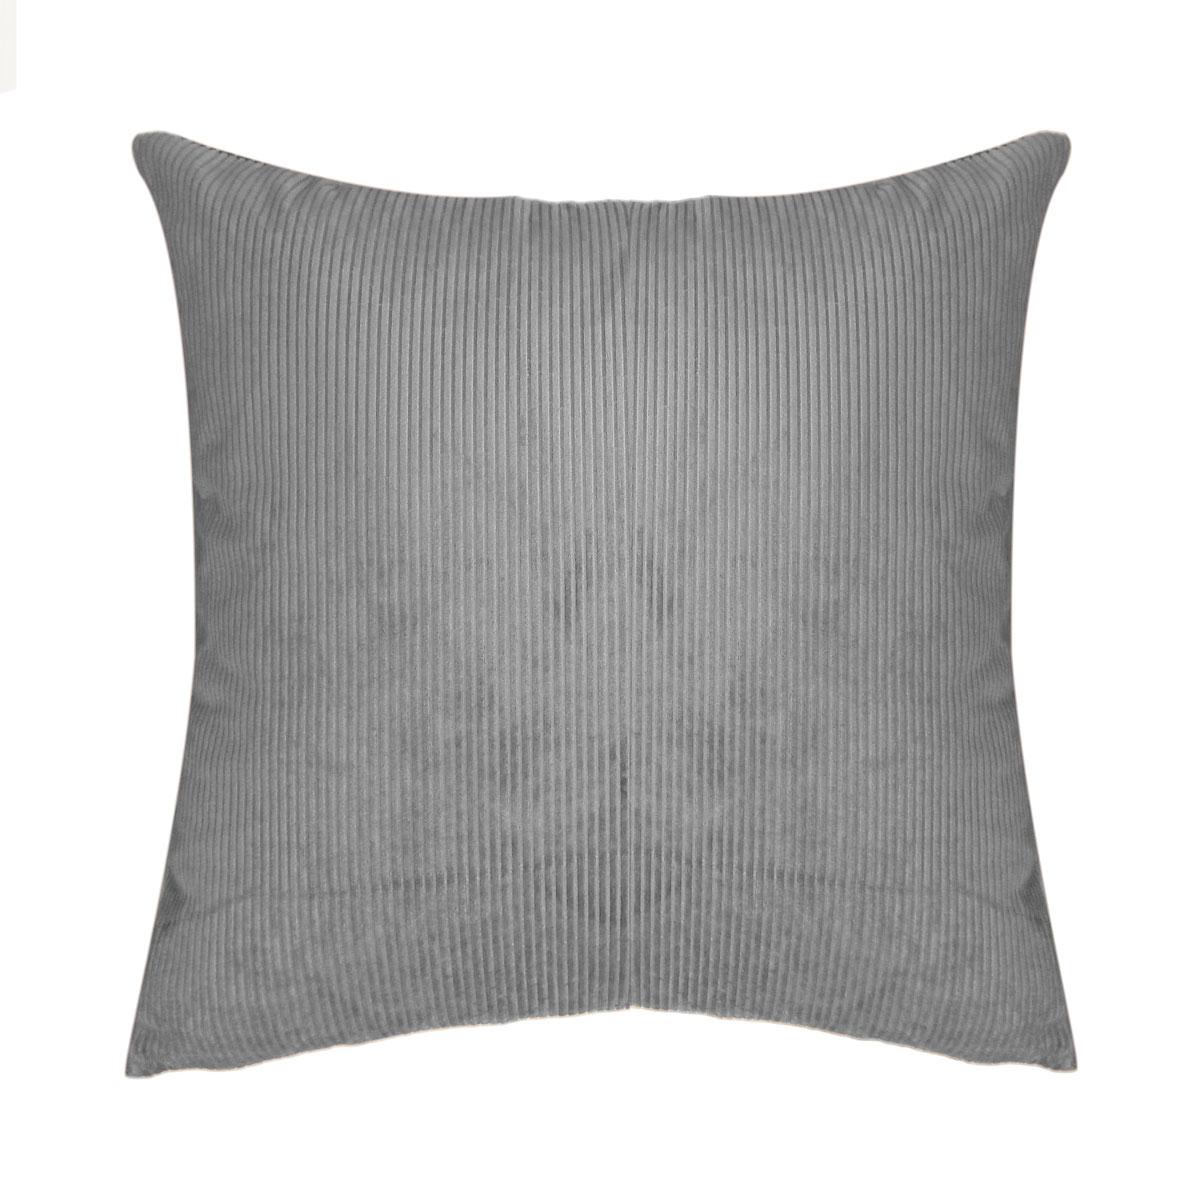 Διακοσμητική Μαξιλαροθήκη (45×45) Elite Kotle Grey